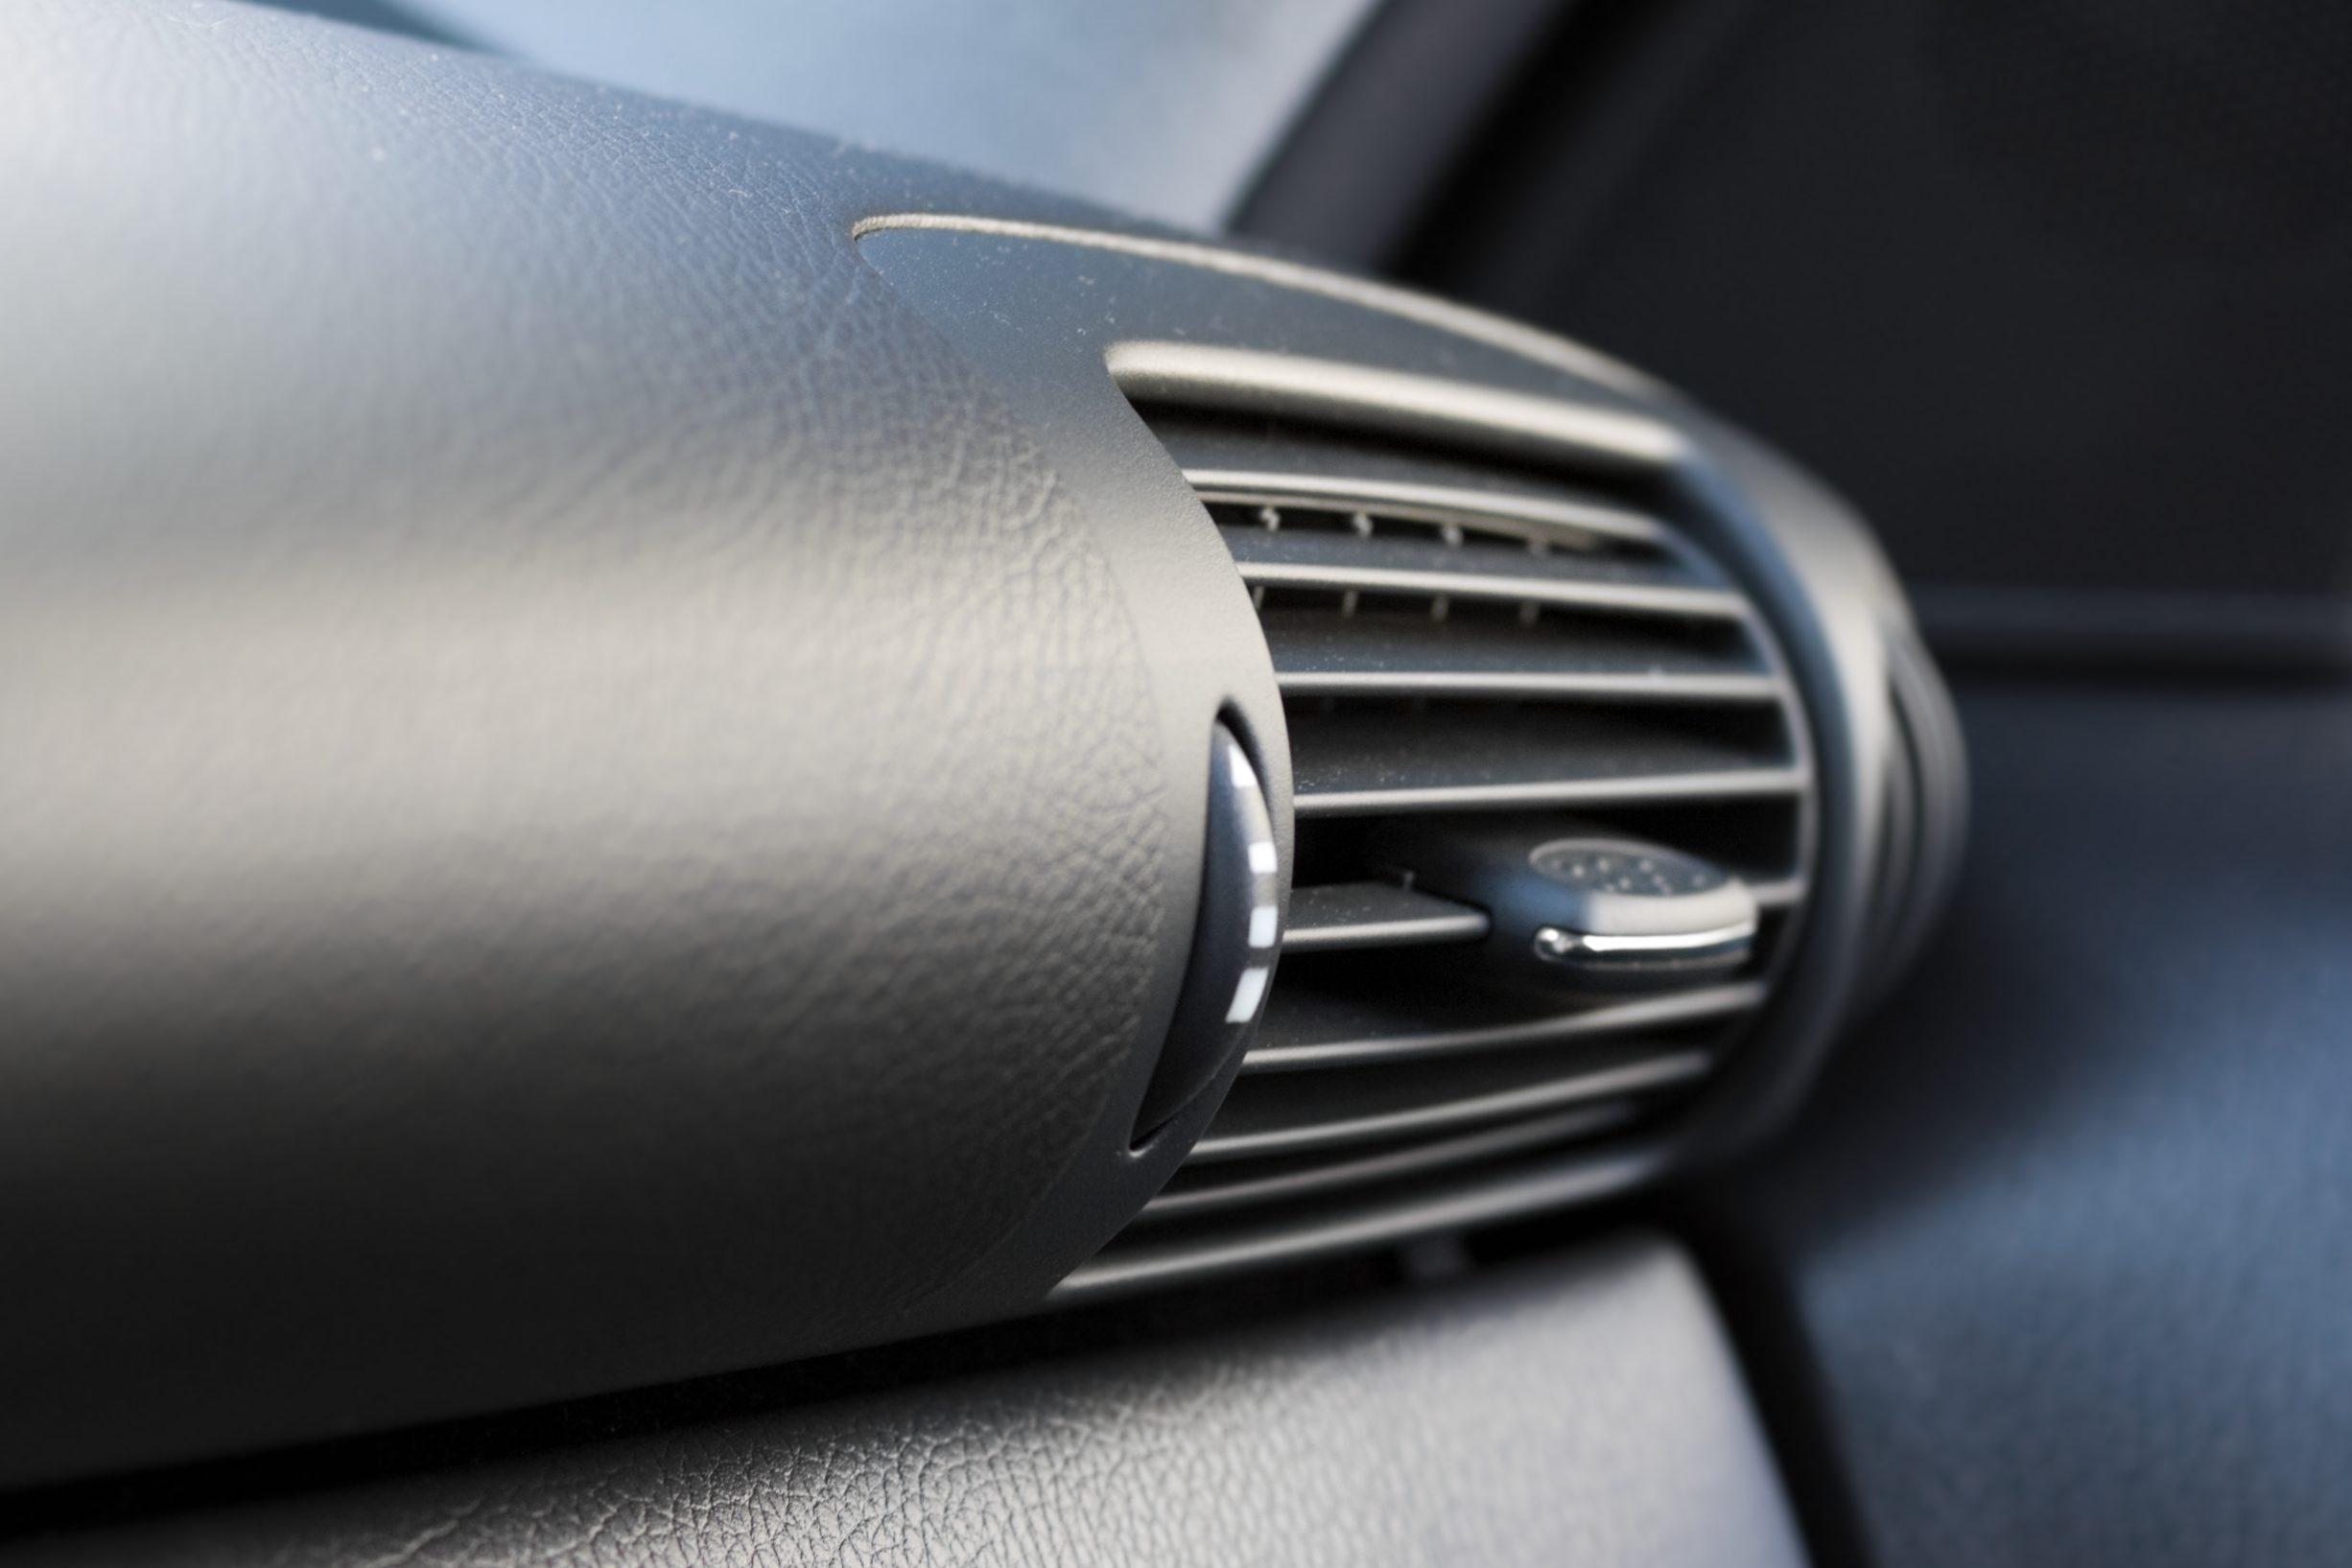 fan in a car